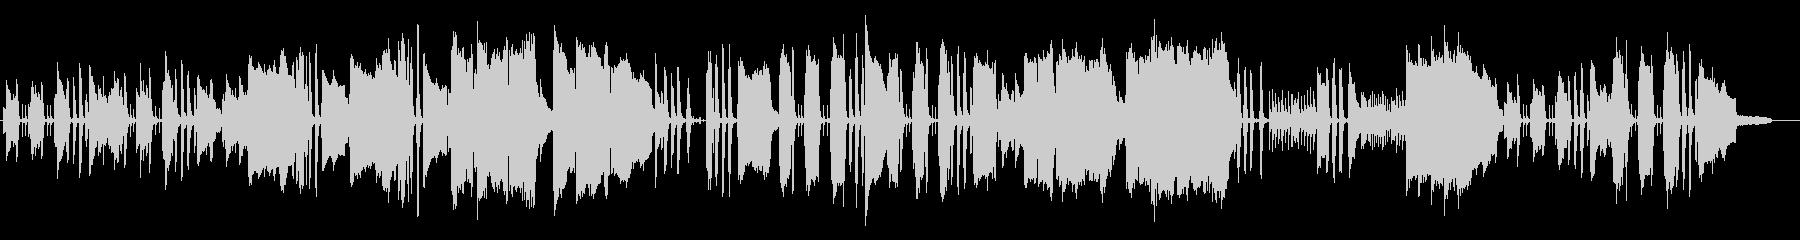 クラリネットとオーボエ、木琴の優しい音楽の未再生の波形